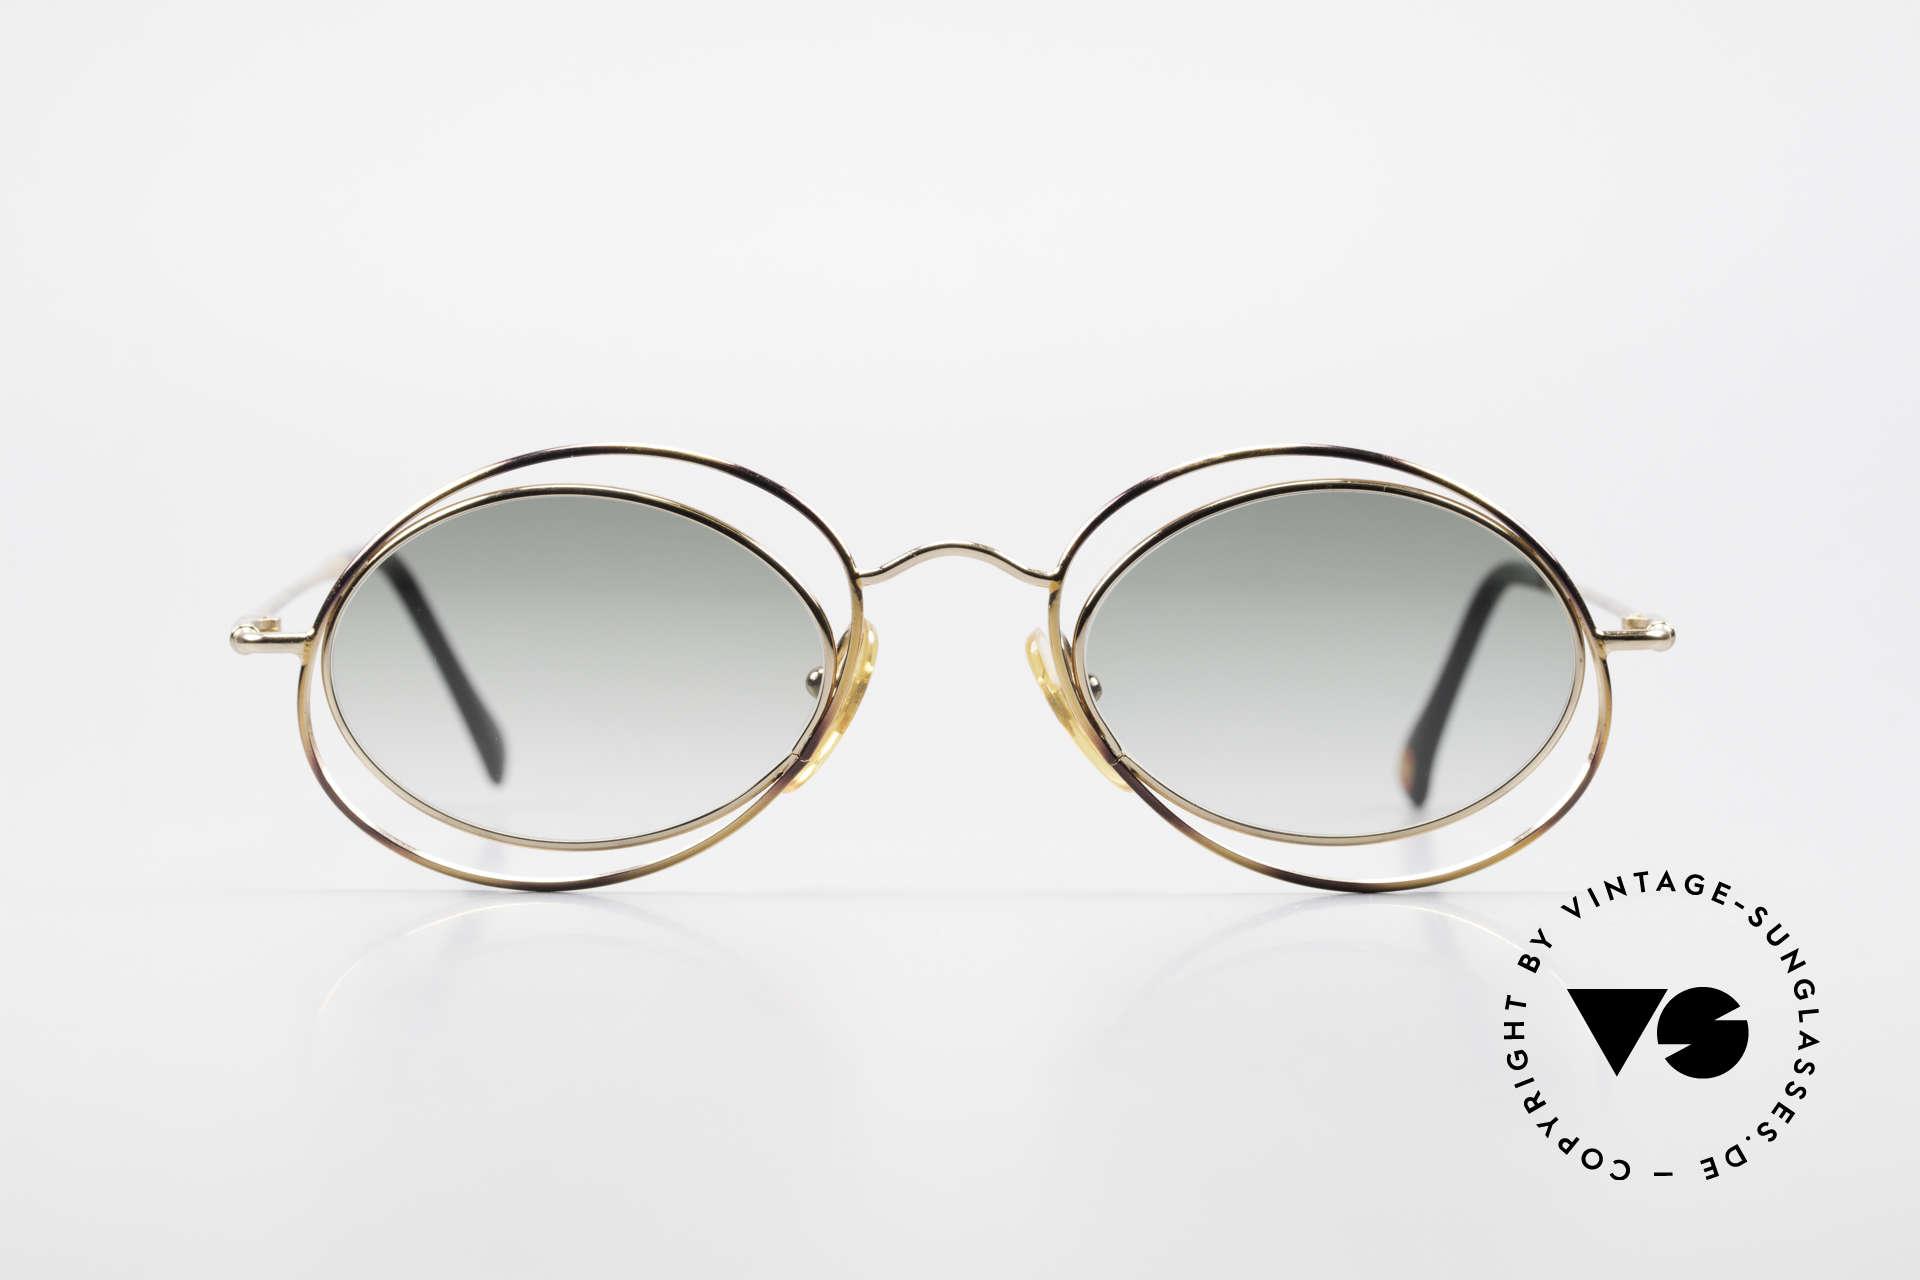 Casanova LC16 Zauberhafte Sonnenbrille, tolles Zusammenspiel v. Farbe, Form & Funktionalität, Passend für Damen